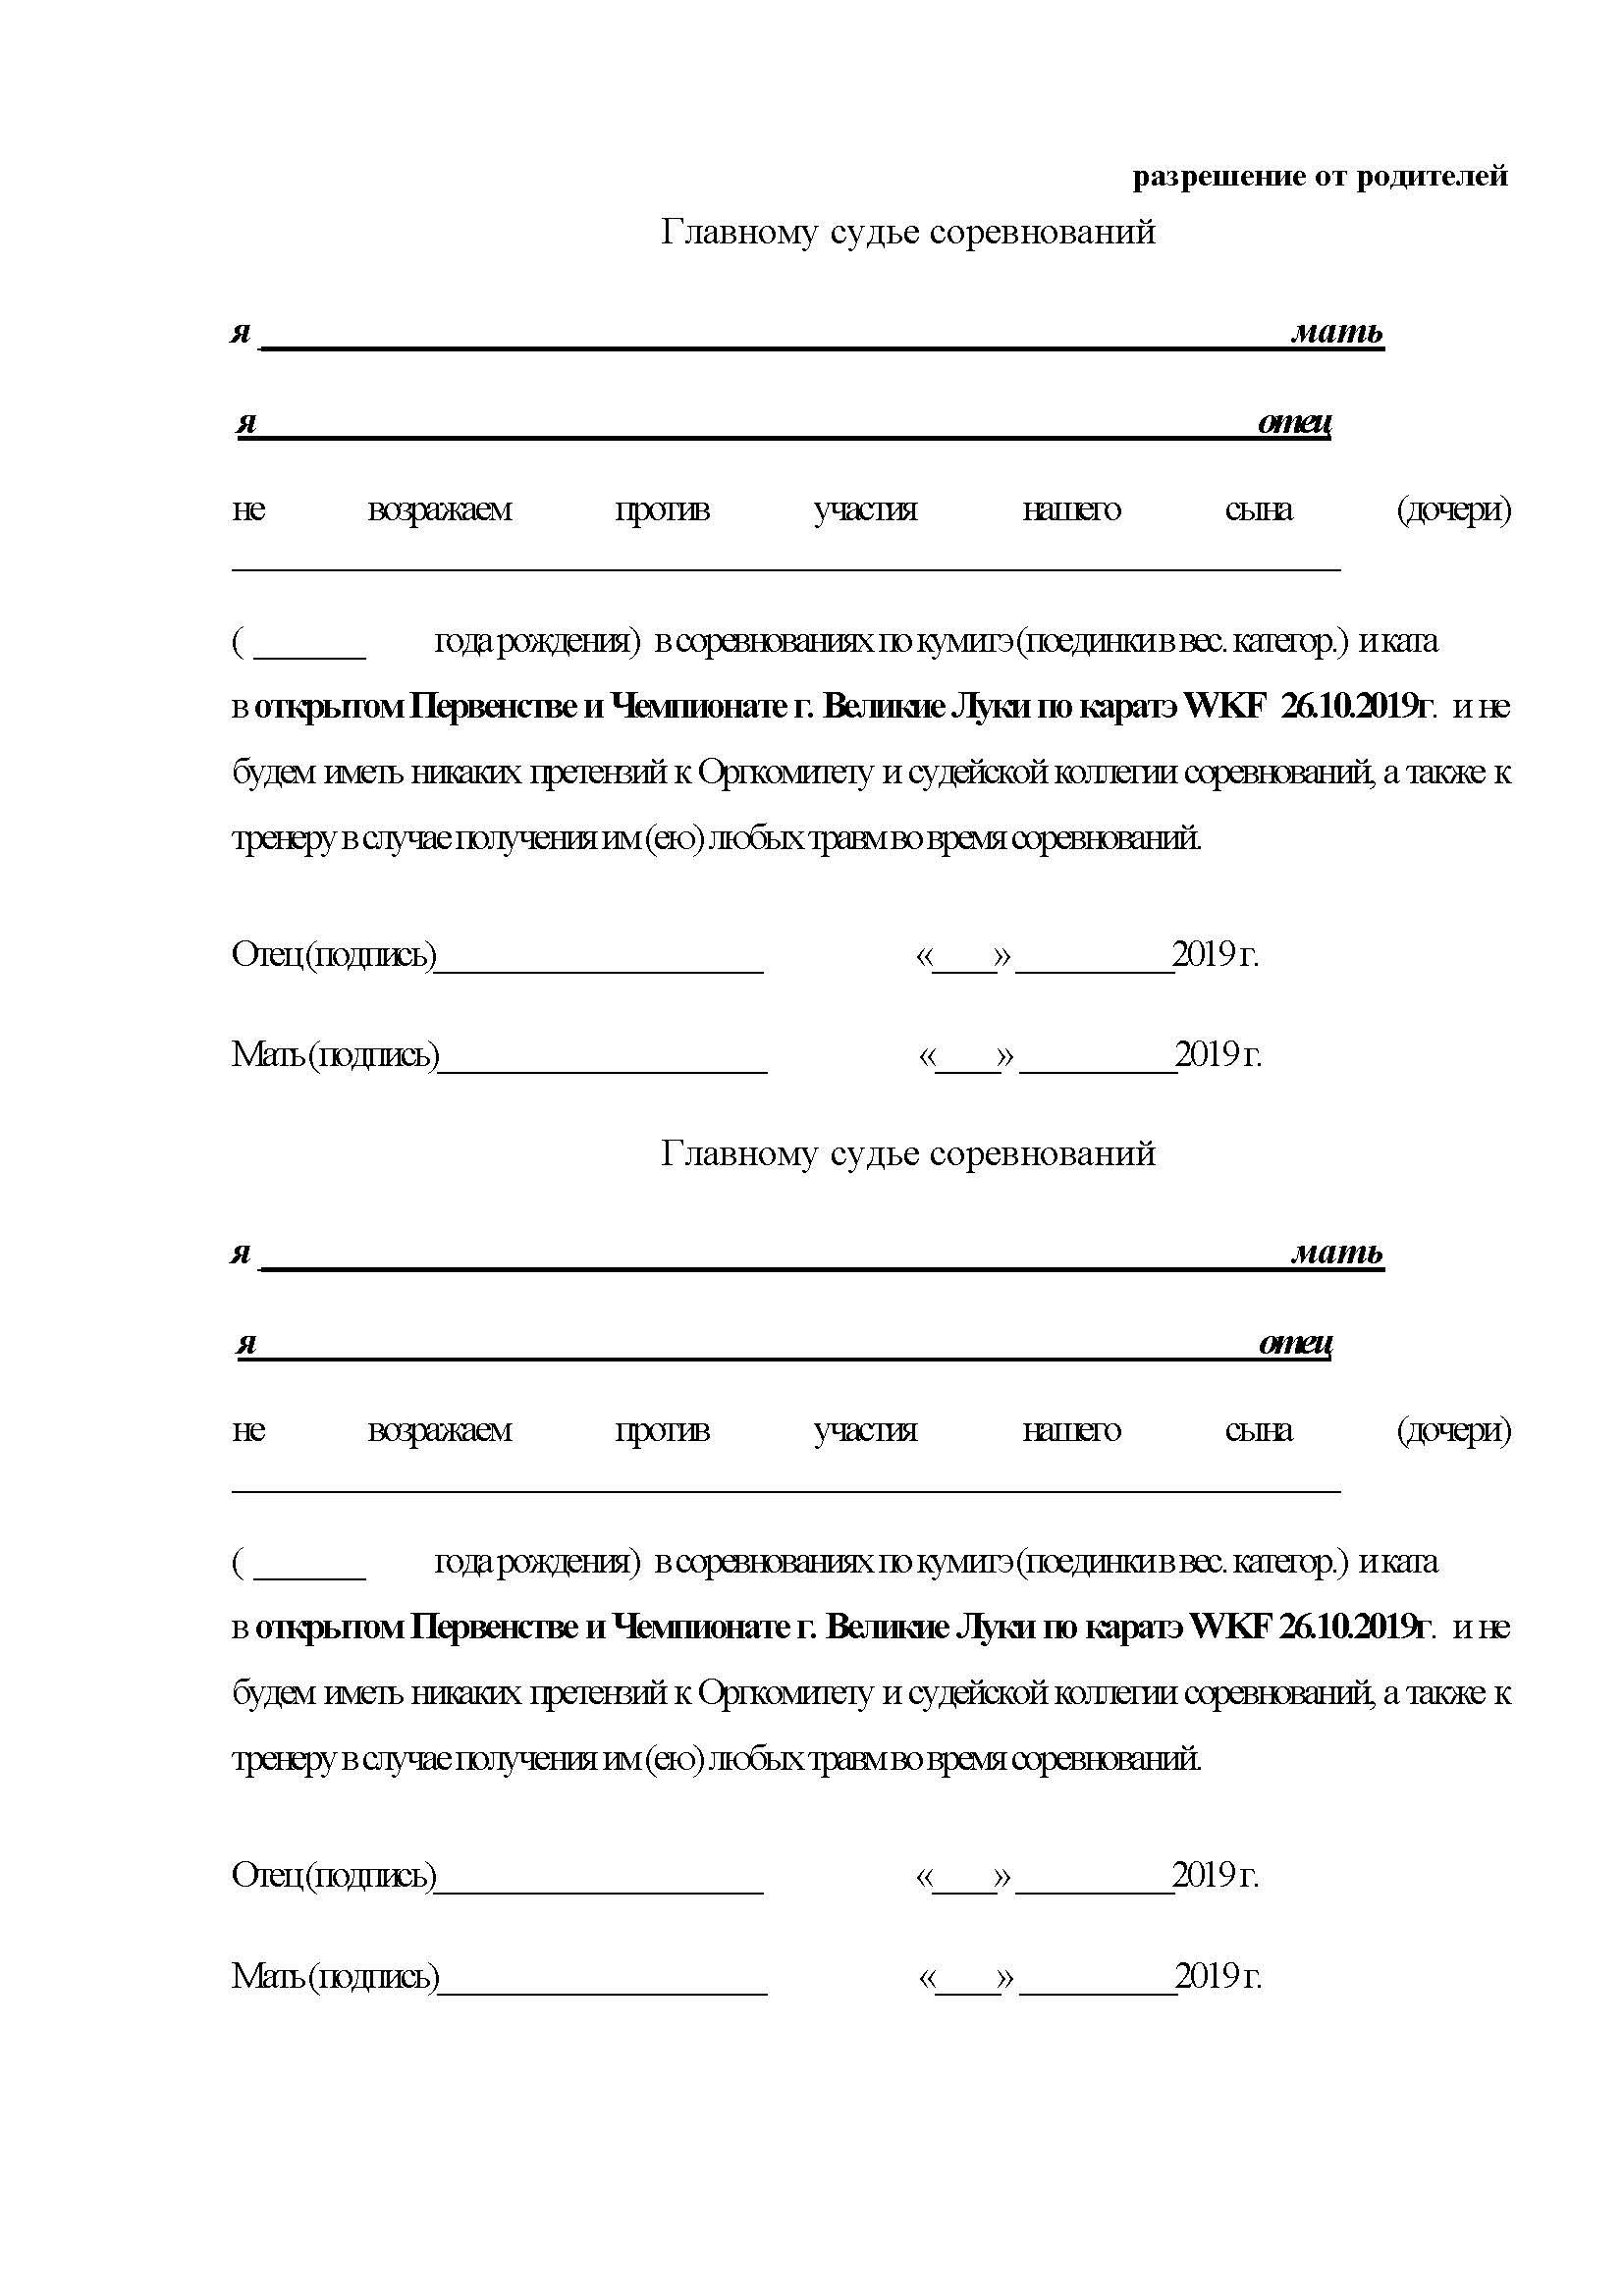 Чемпионат   В. Луки 2019 каратэ_Страница_4